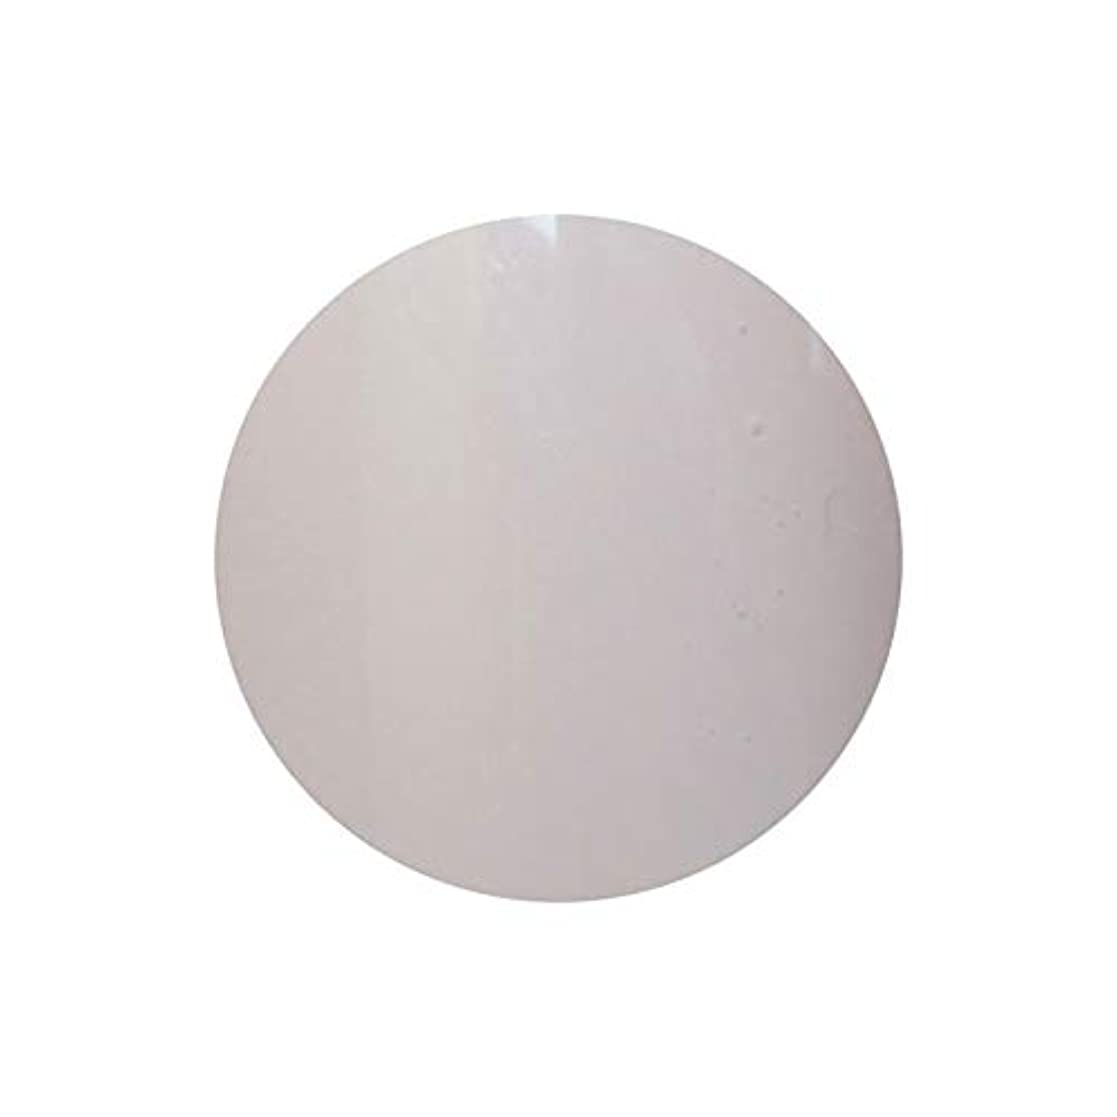 広範囲に支給の前でNEW】T-GEL COLLECTION カラージェル D220 モカホワイト 4ml